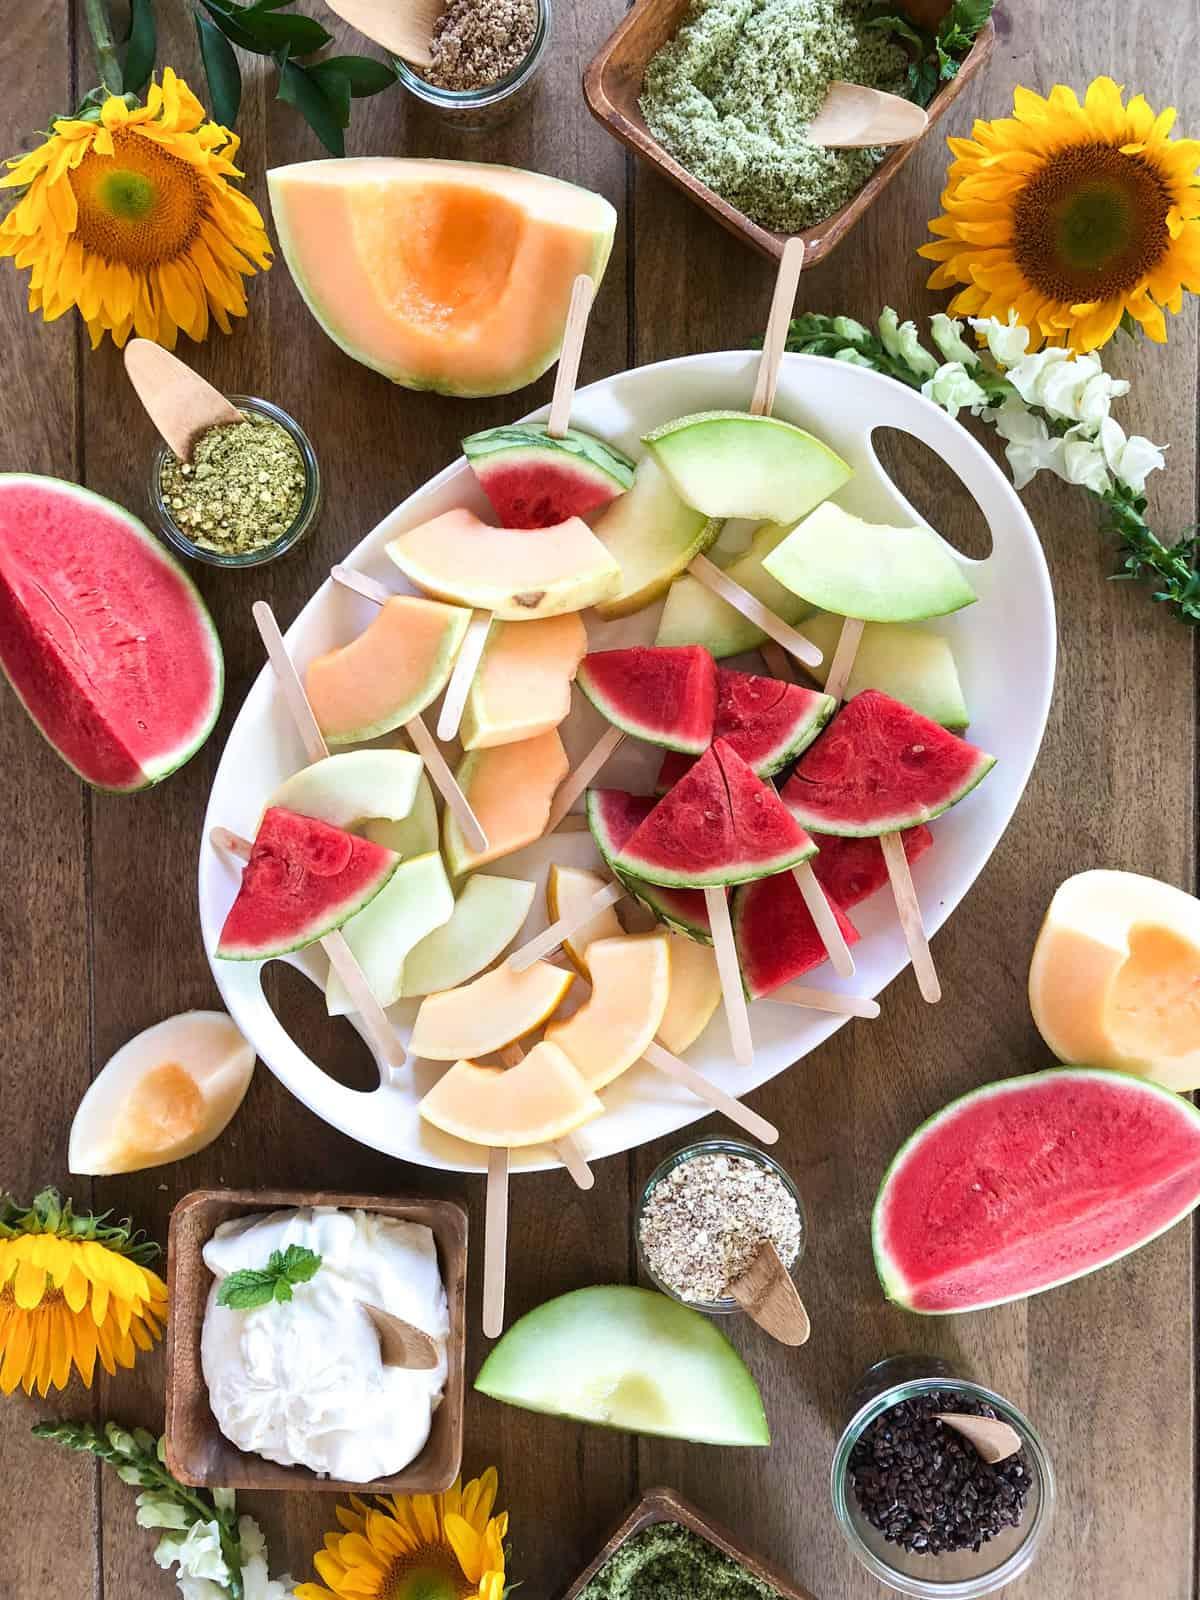 California Melon Season. Make a Melon Bar!